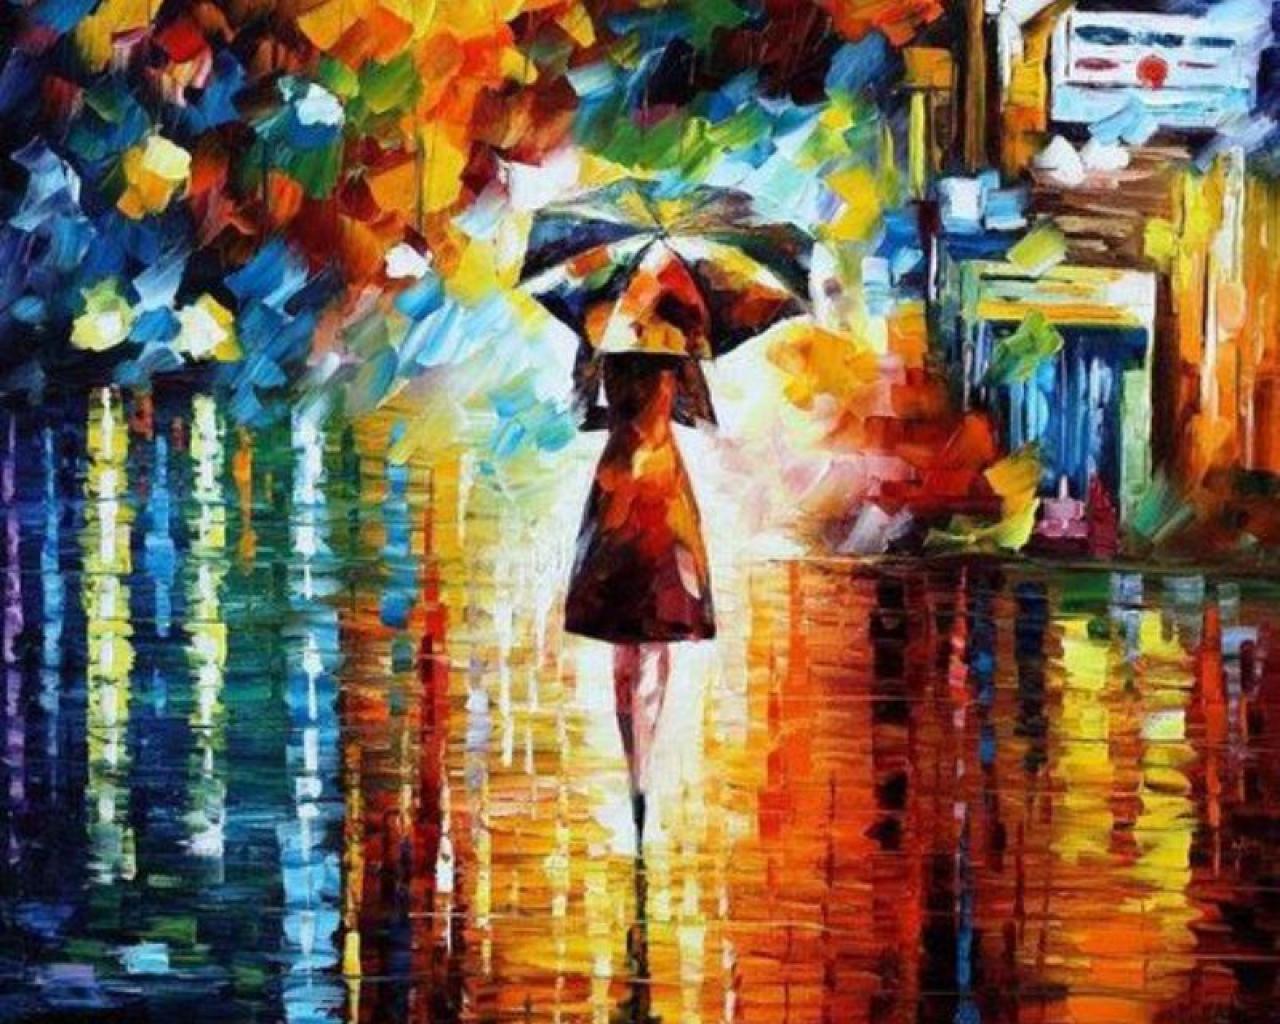 http://2.bp.blogspot.com/-DBOhYKbJf9o/T92XqmnYbBI/AAAAAAAAG_U/26U_f5IfIcs/s1600/Graffiti+Wallpaper+026.jpg